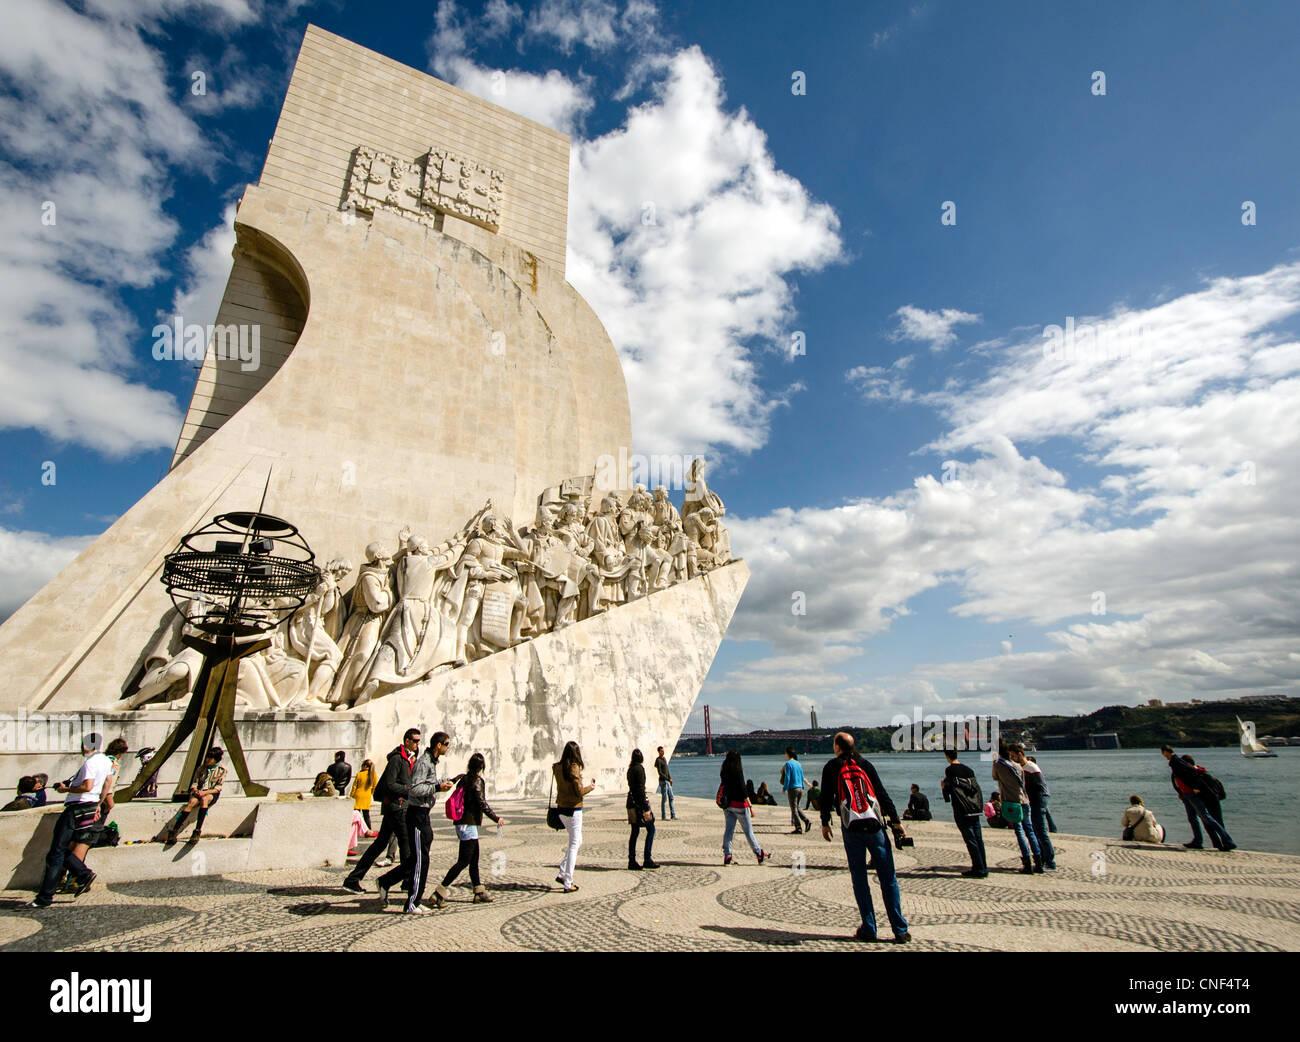 Monument to the Discoveries (Padrão dos Descobrimentos) Lisbon Portugal Europe - Stock Image